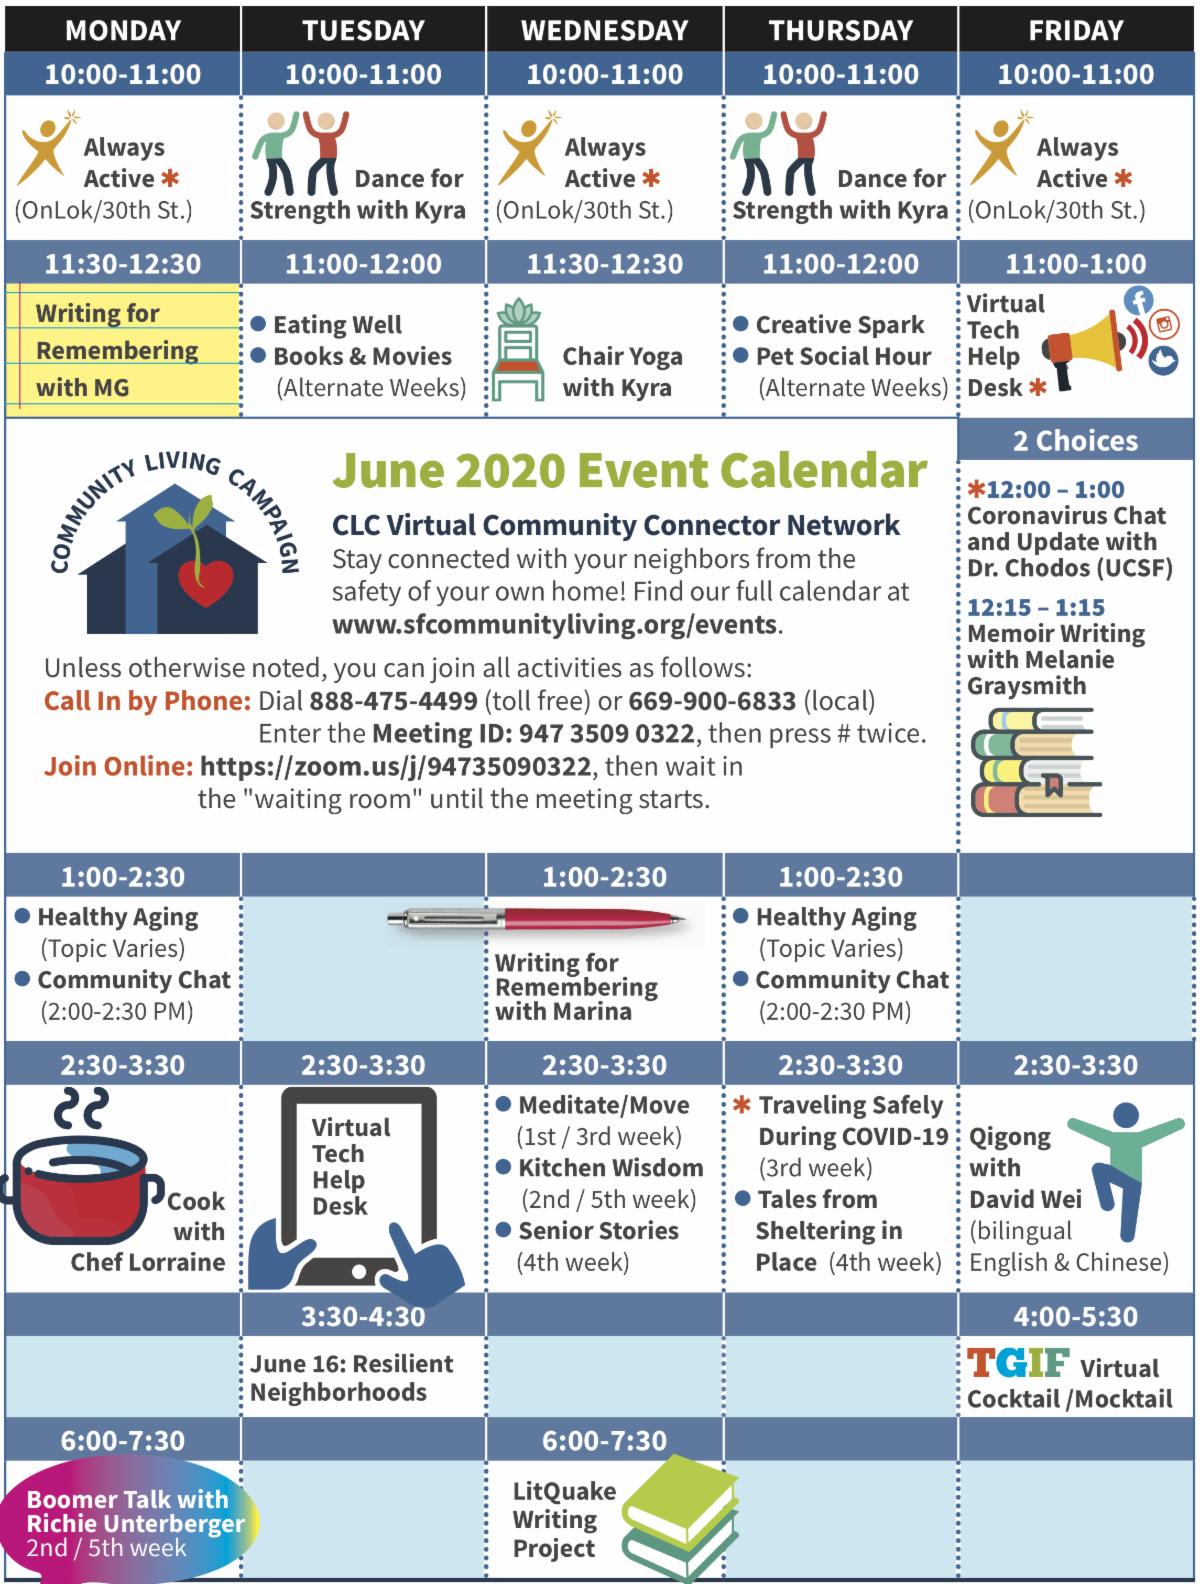 image of activities calendar - live link